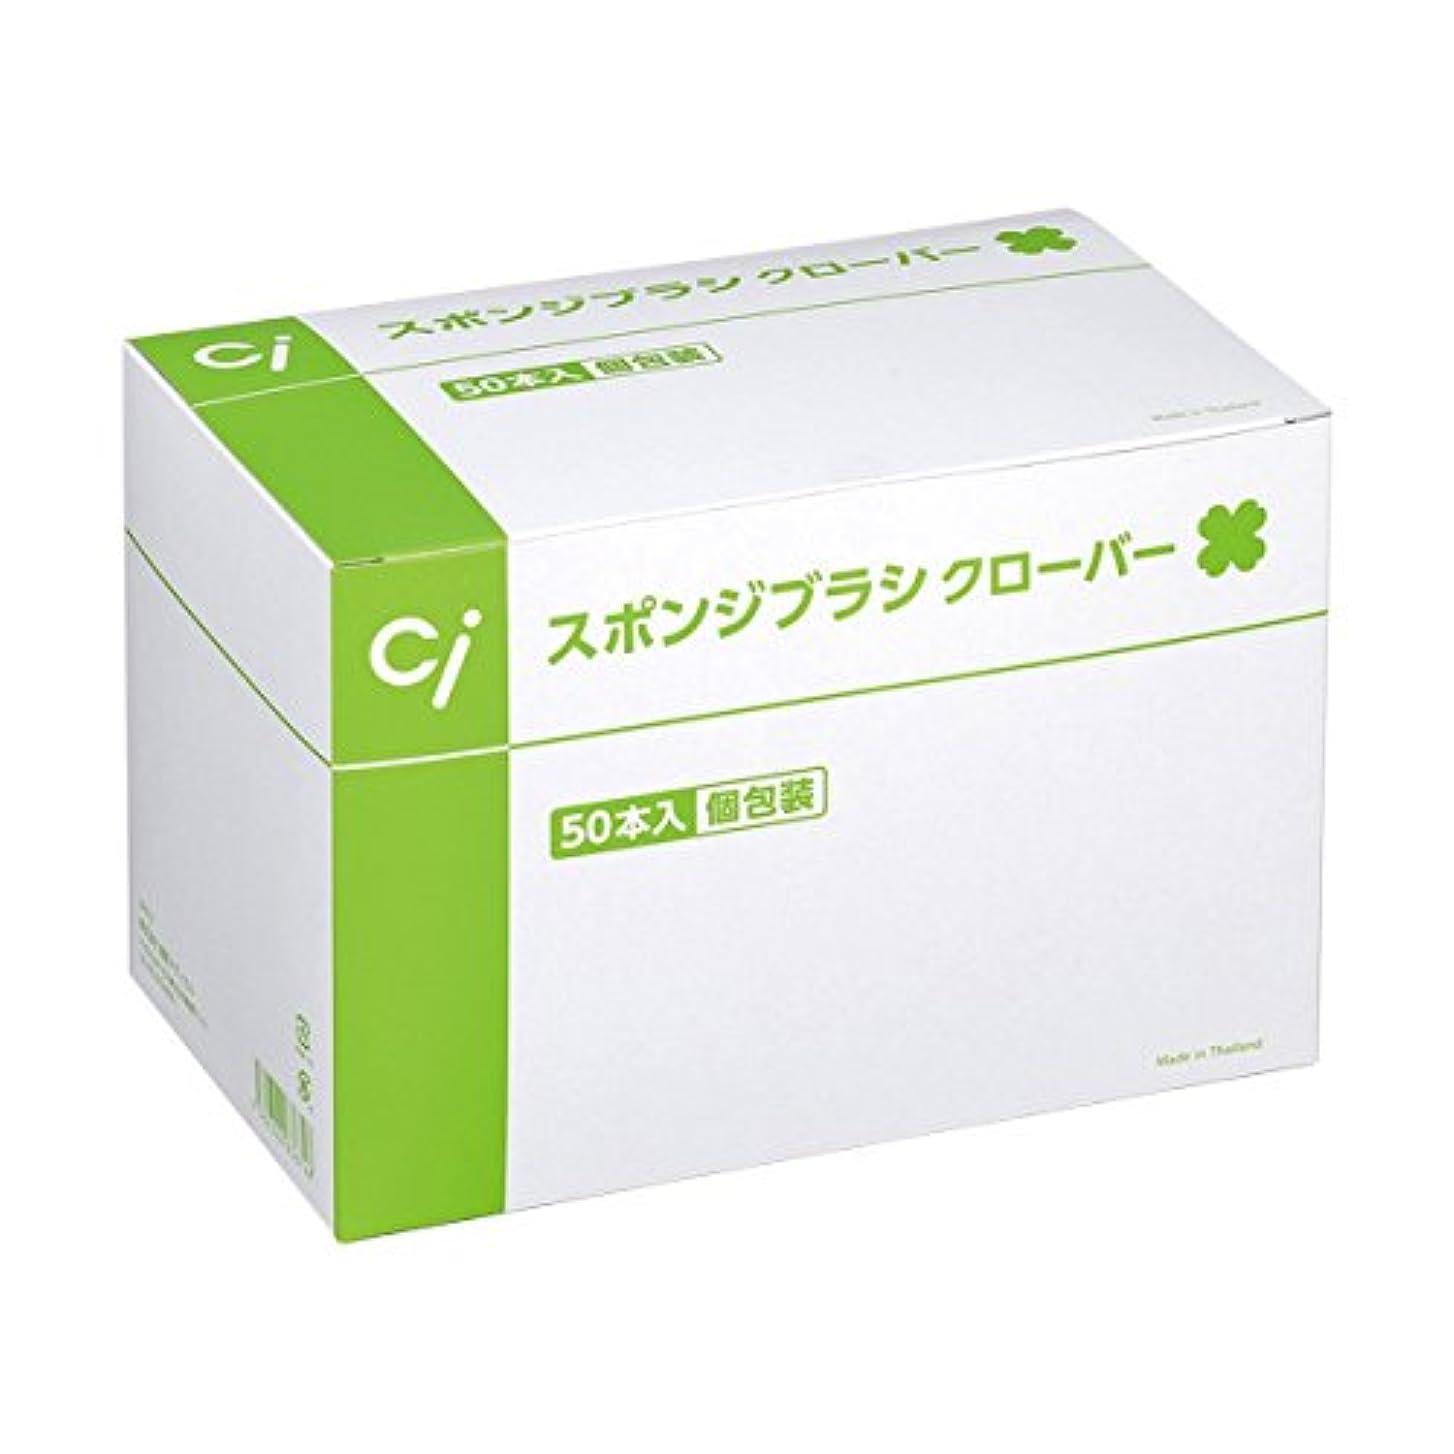 愛情深い債務雄大なCi スポンジブラシ クローバー(50本入)